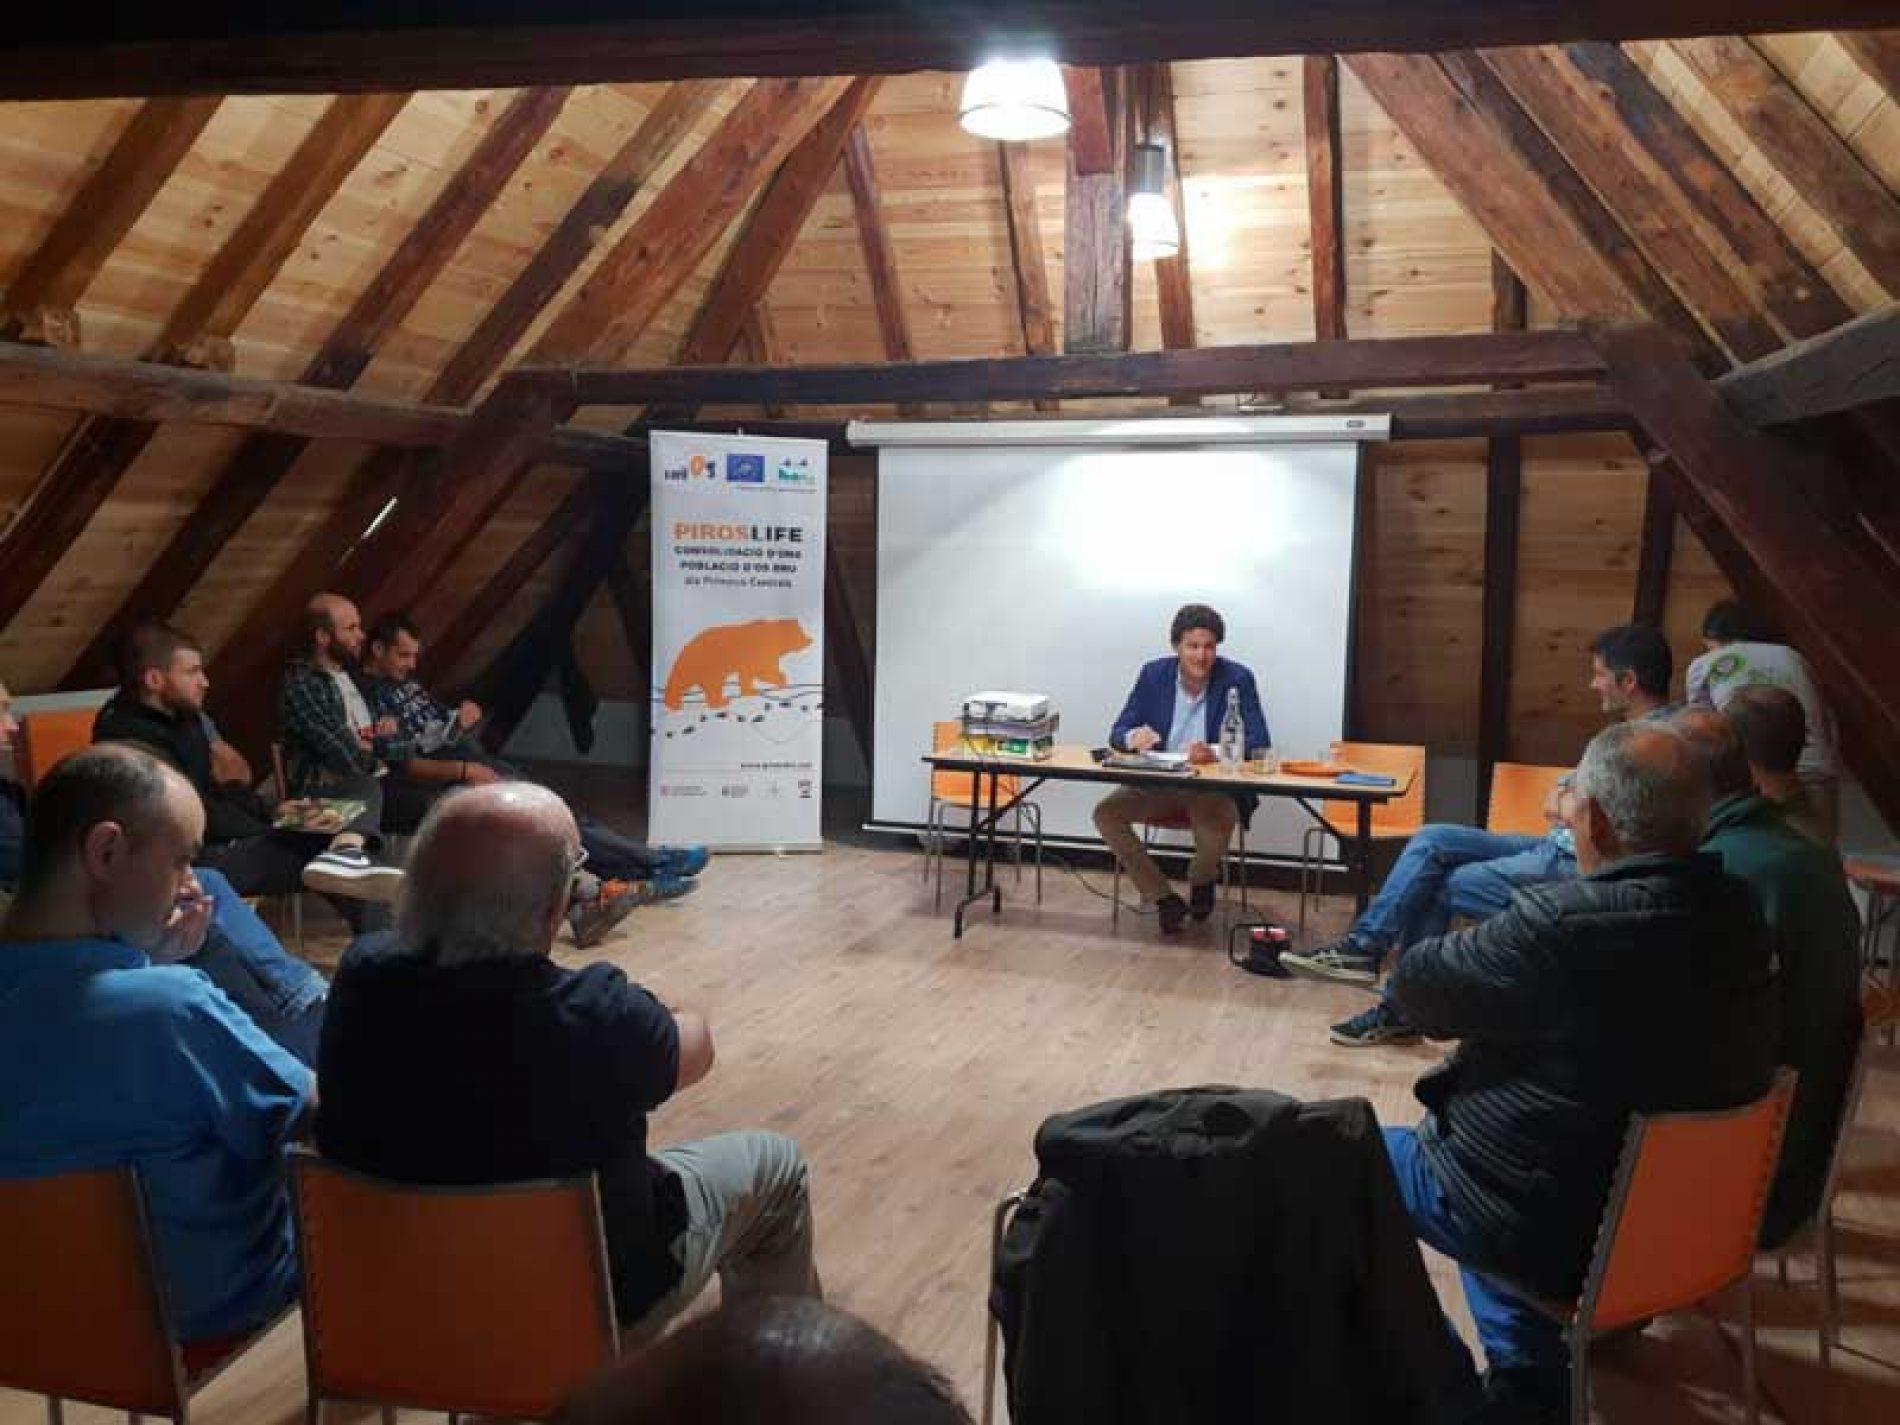 La RFEC apoya el oso en el Pirineo si es compatible con los demás usos del monte